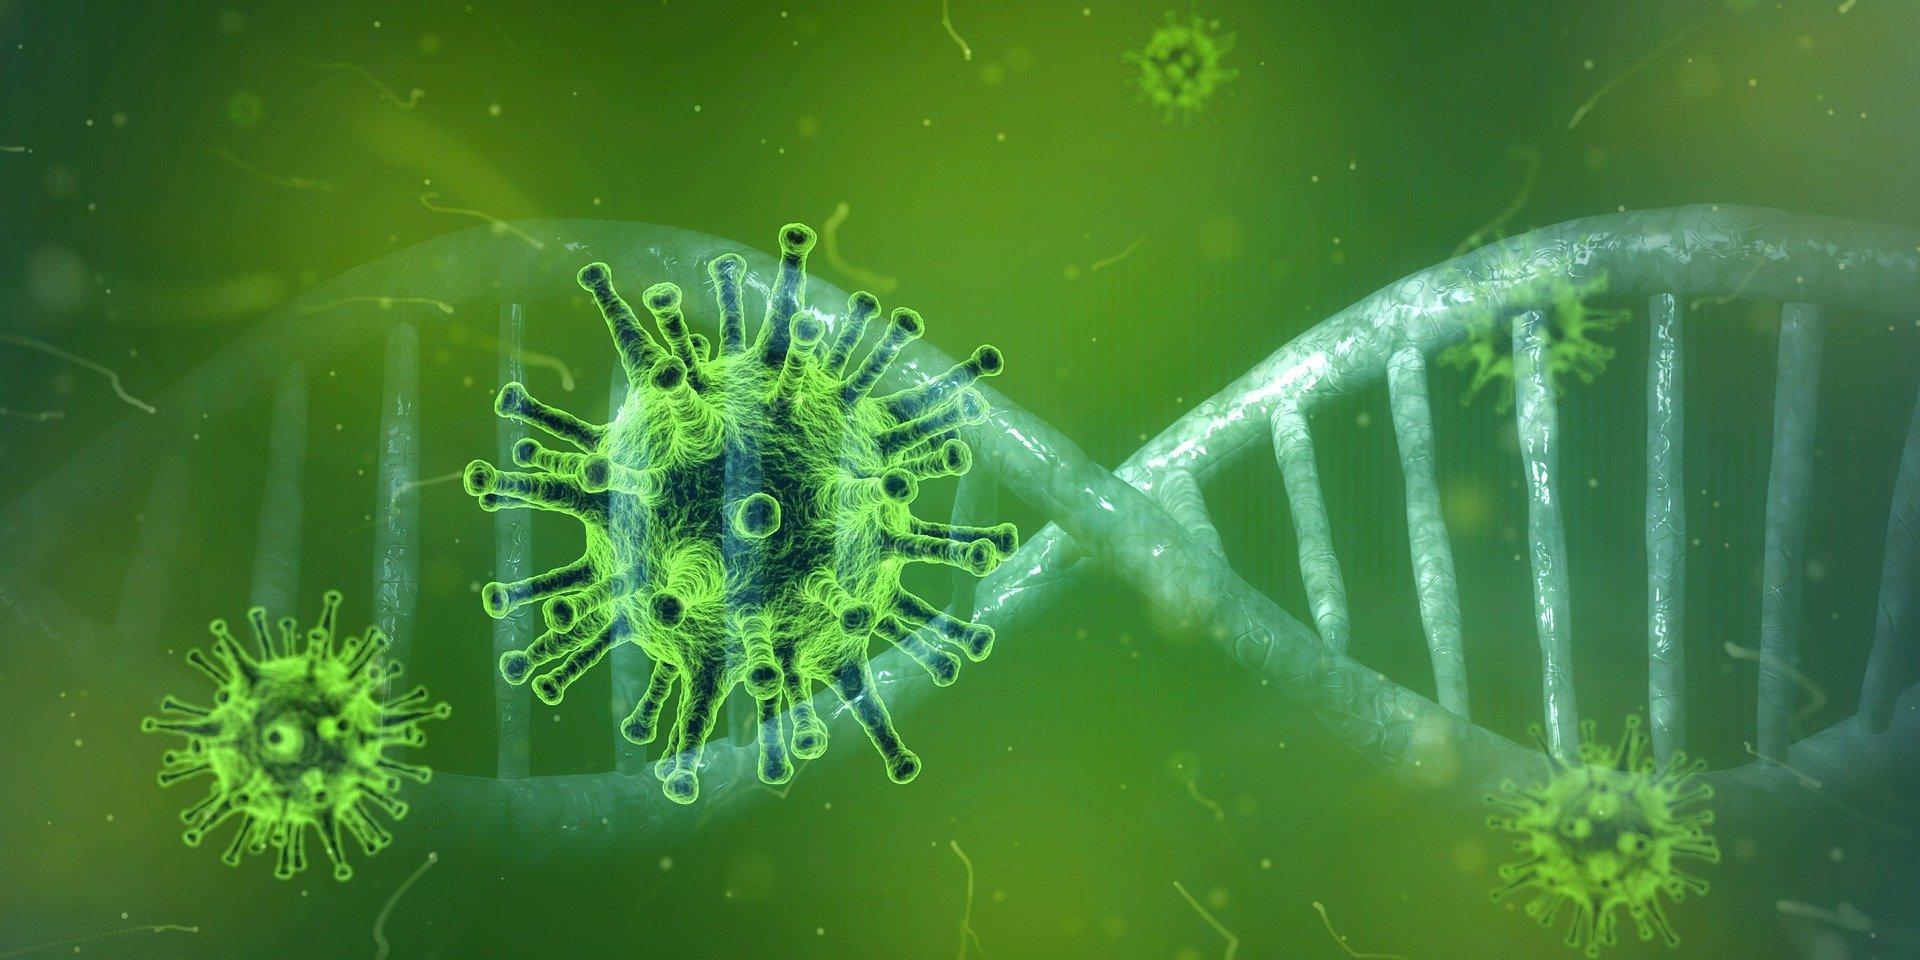 Ustawa obowiązująca od dnia 8 marca 2020 r. została uchwalona w związku z rozprzestrzenianiem się zakażeń wirusem SARS CoV-2 mogącym wywołać chorobę określaną, jako COVID-19.